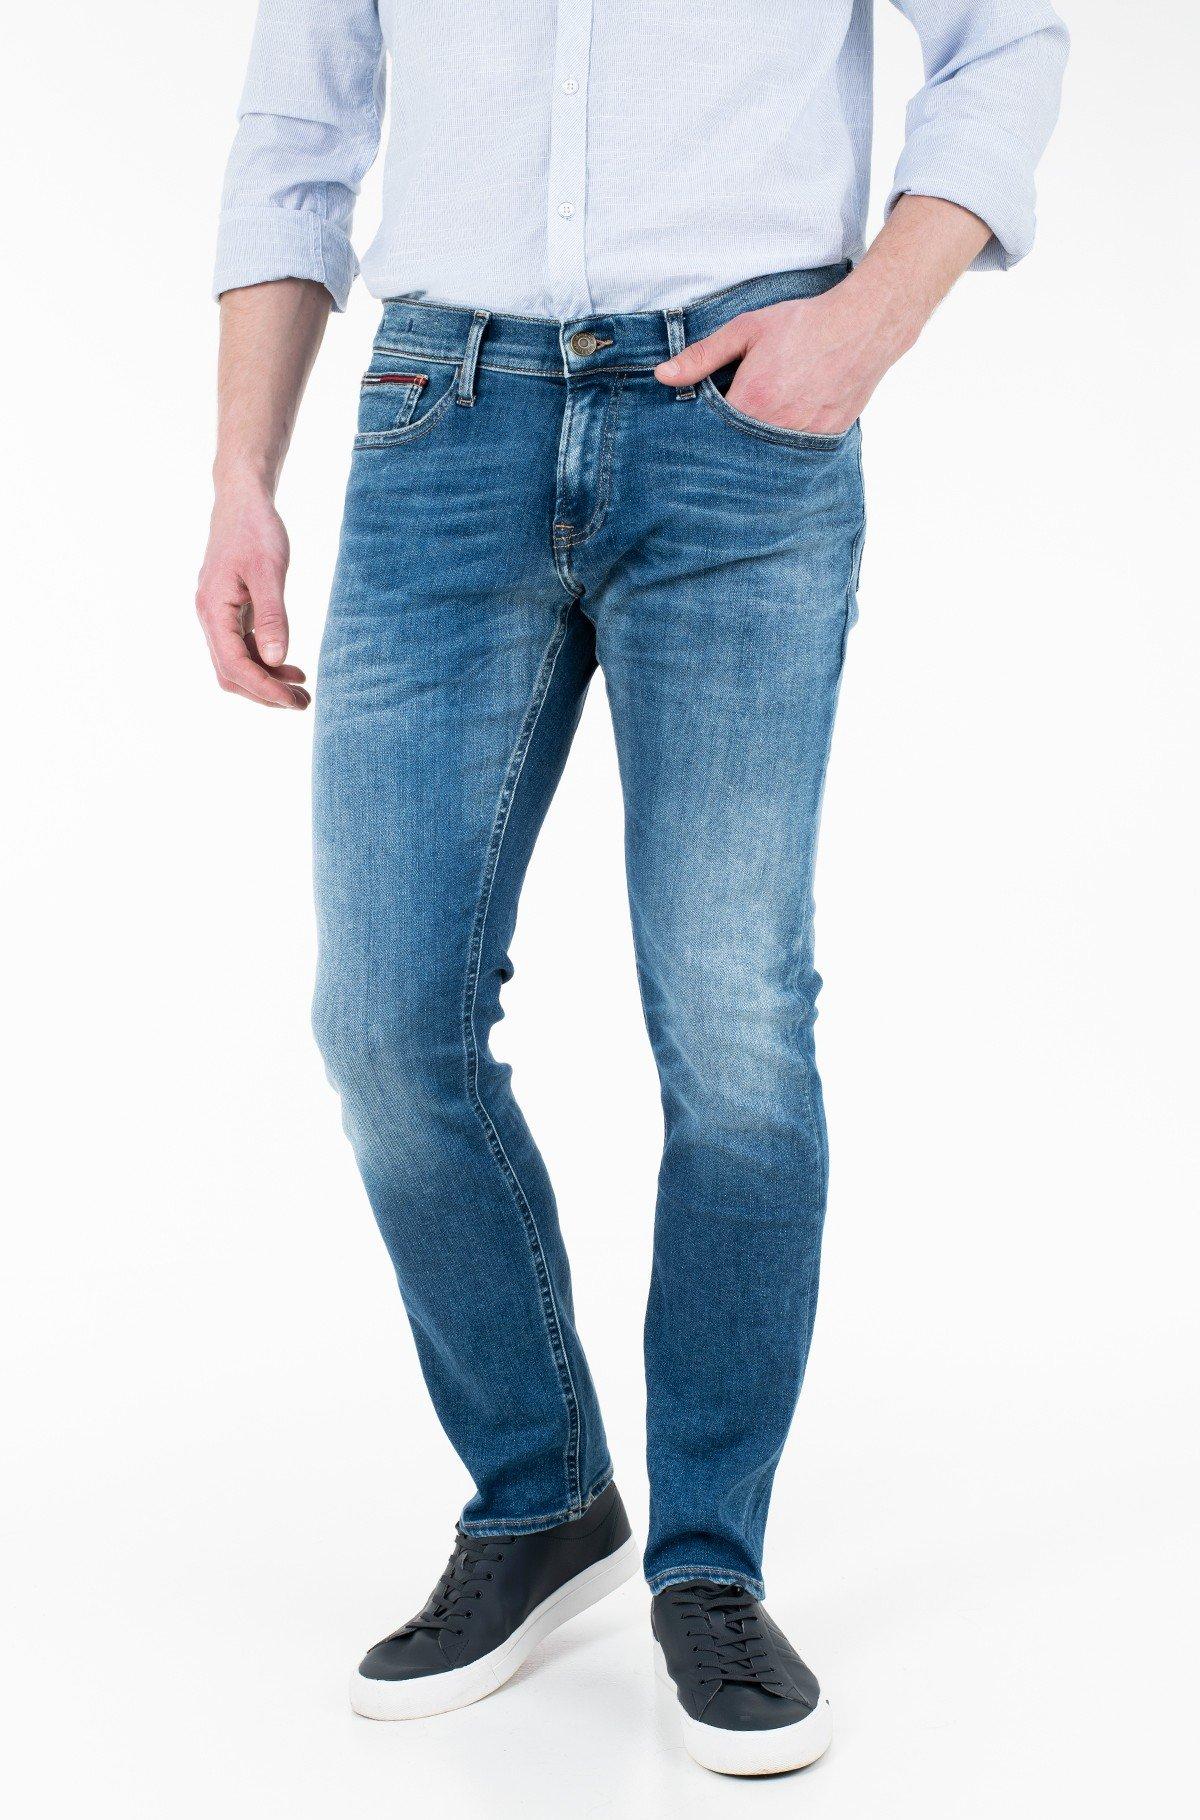 Džinsinės kelnės SLIM SCANTON FLCNM-full-1